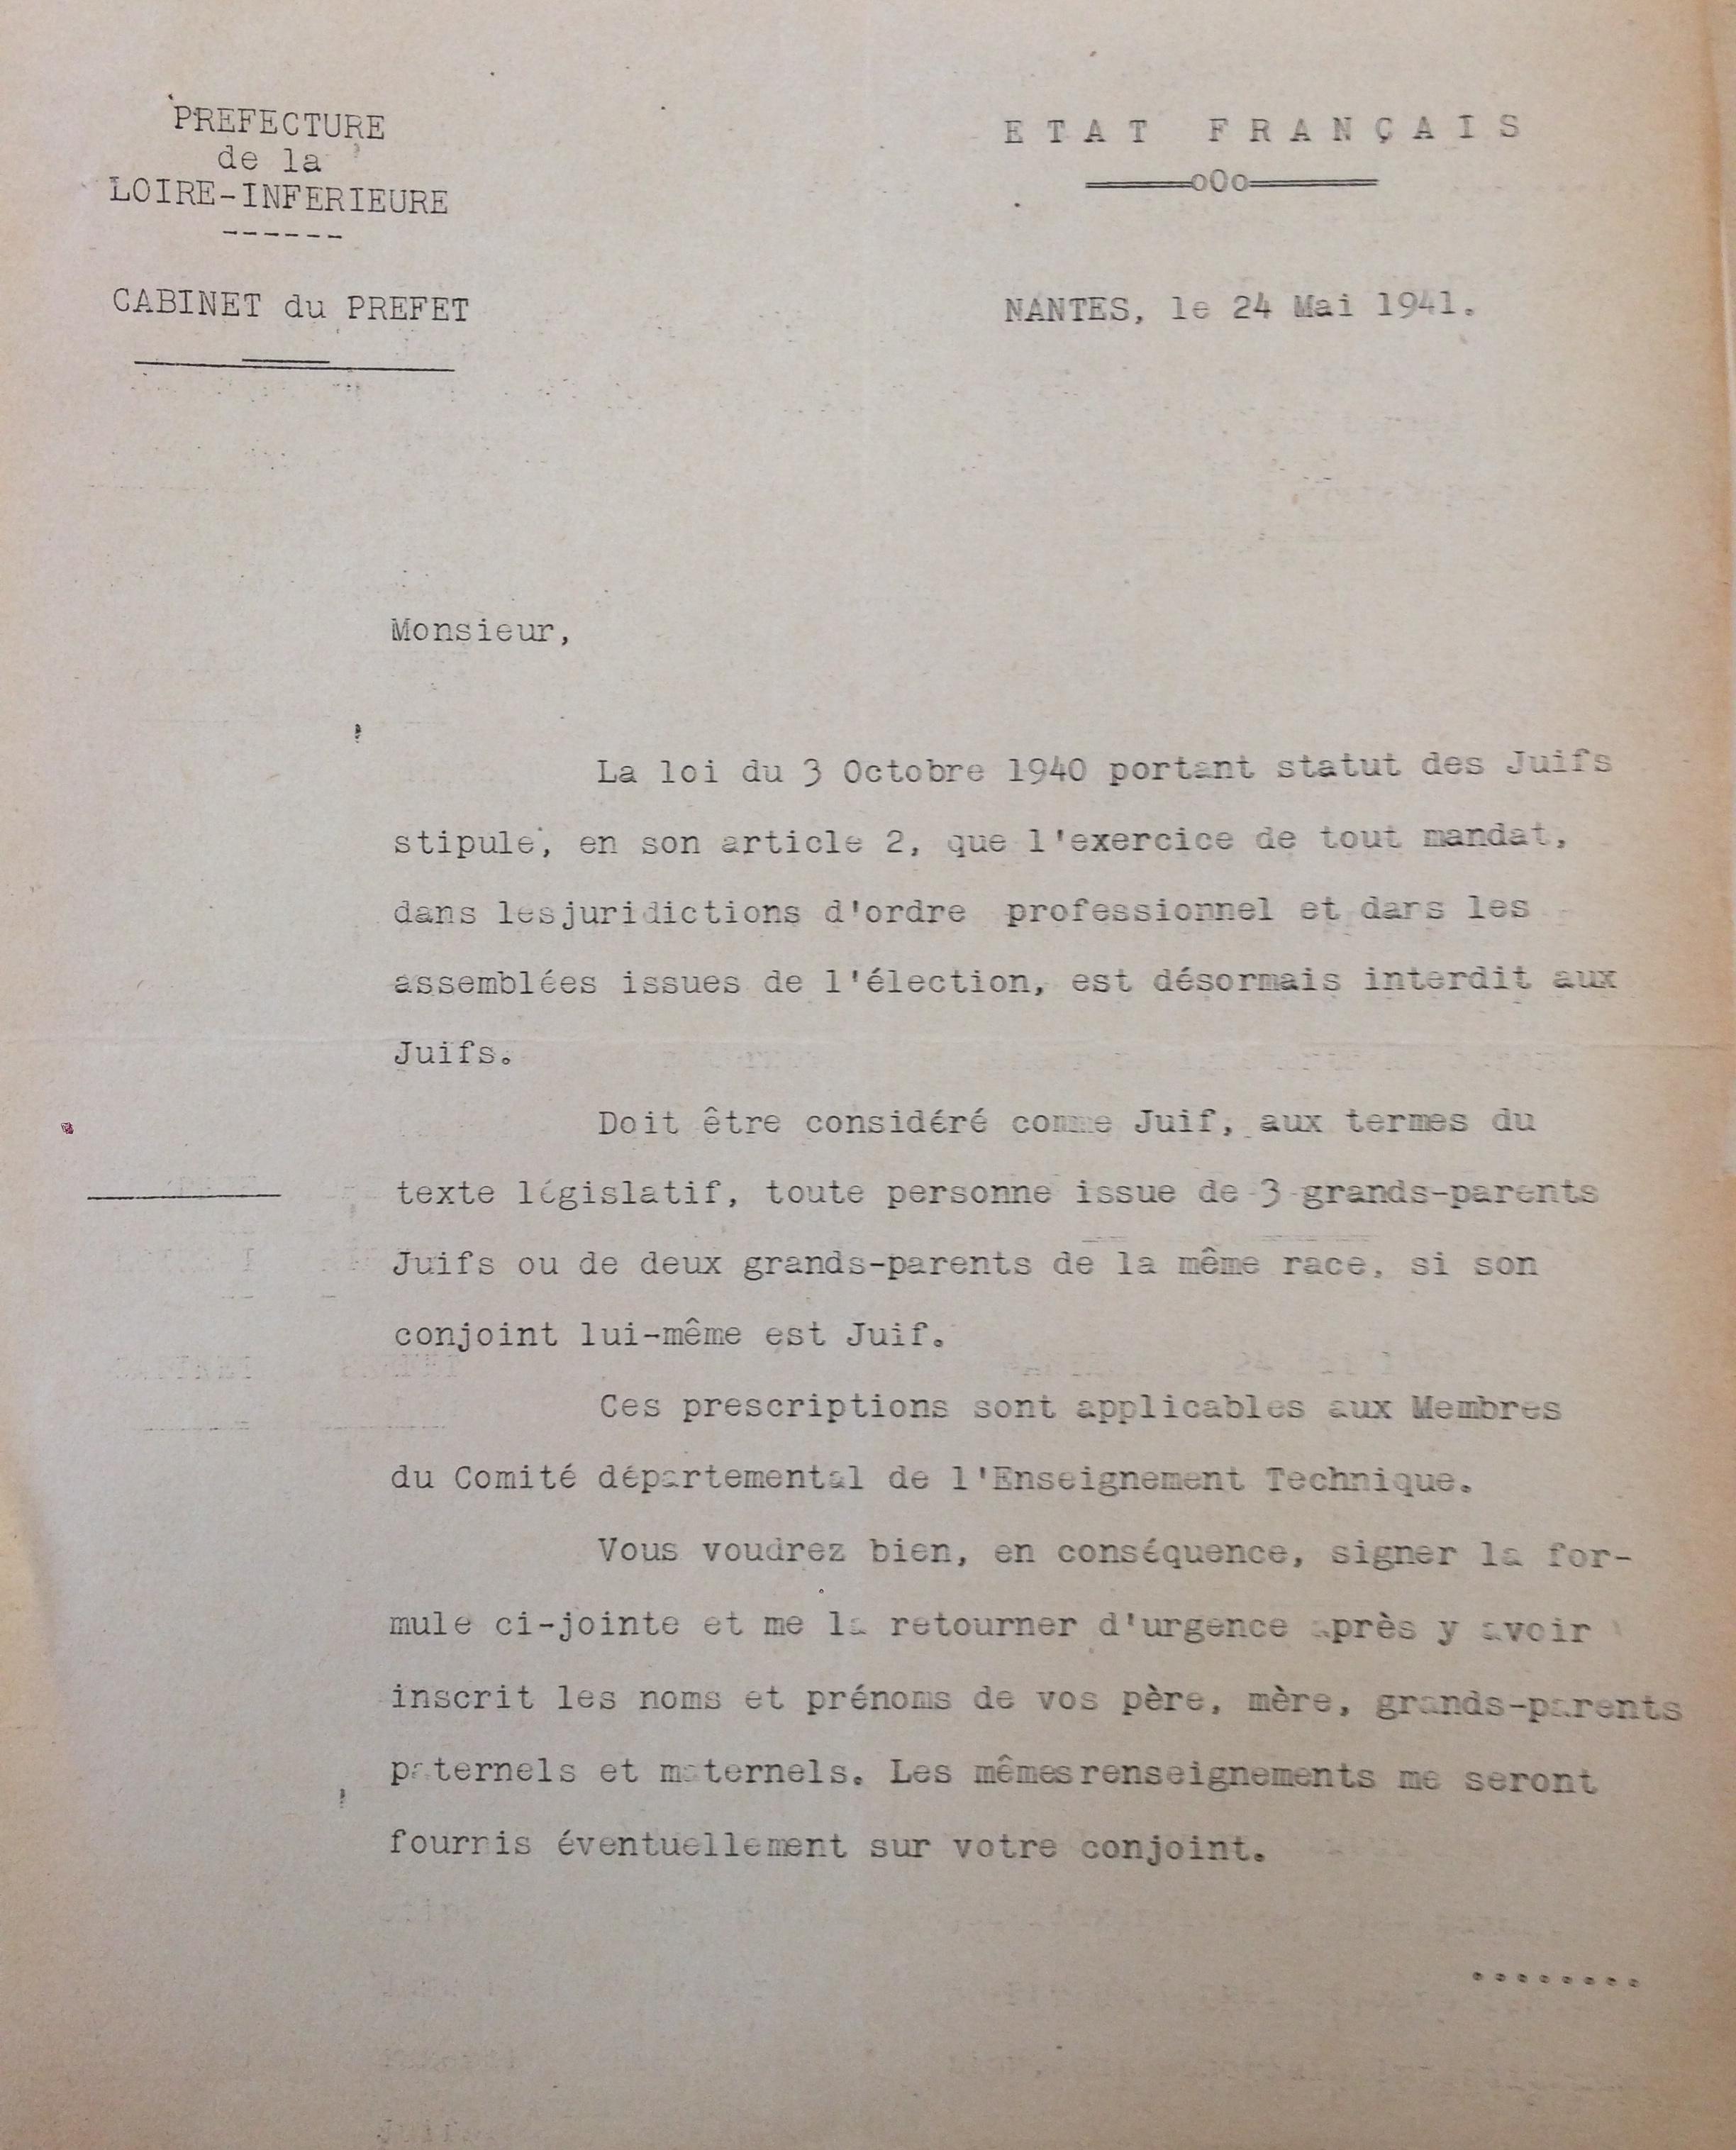 Comités Locaux Professionels [ADLA 1694W21]